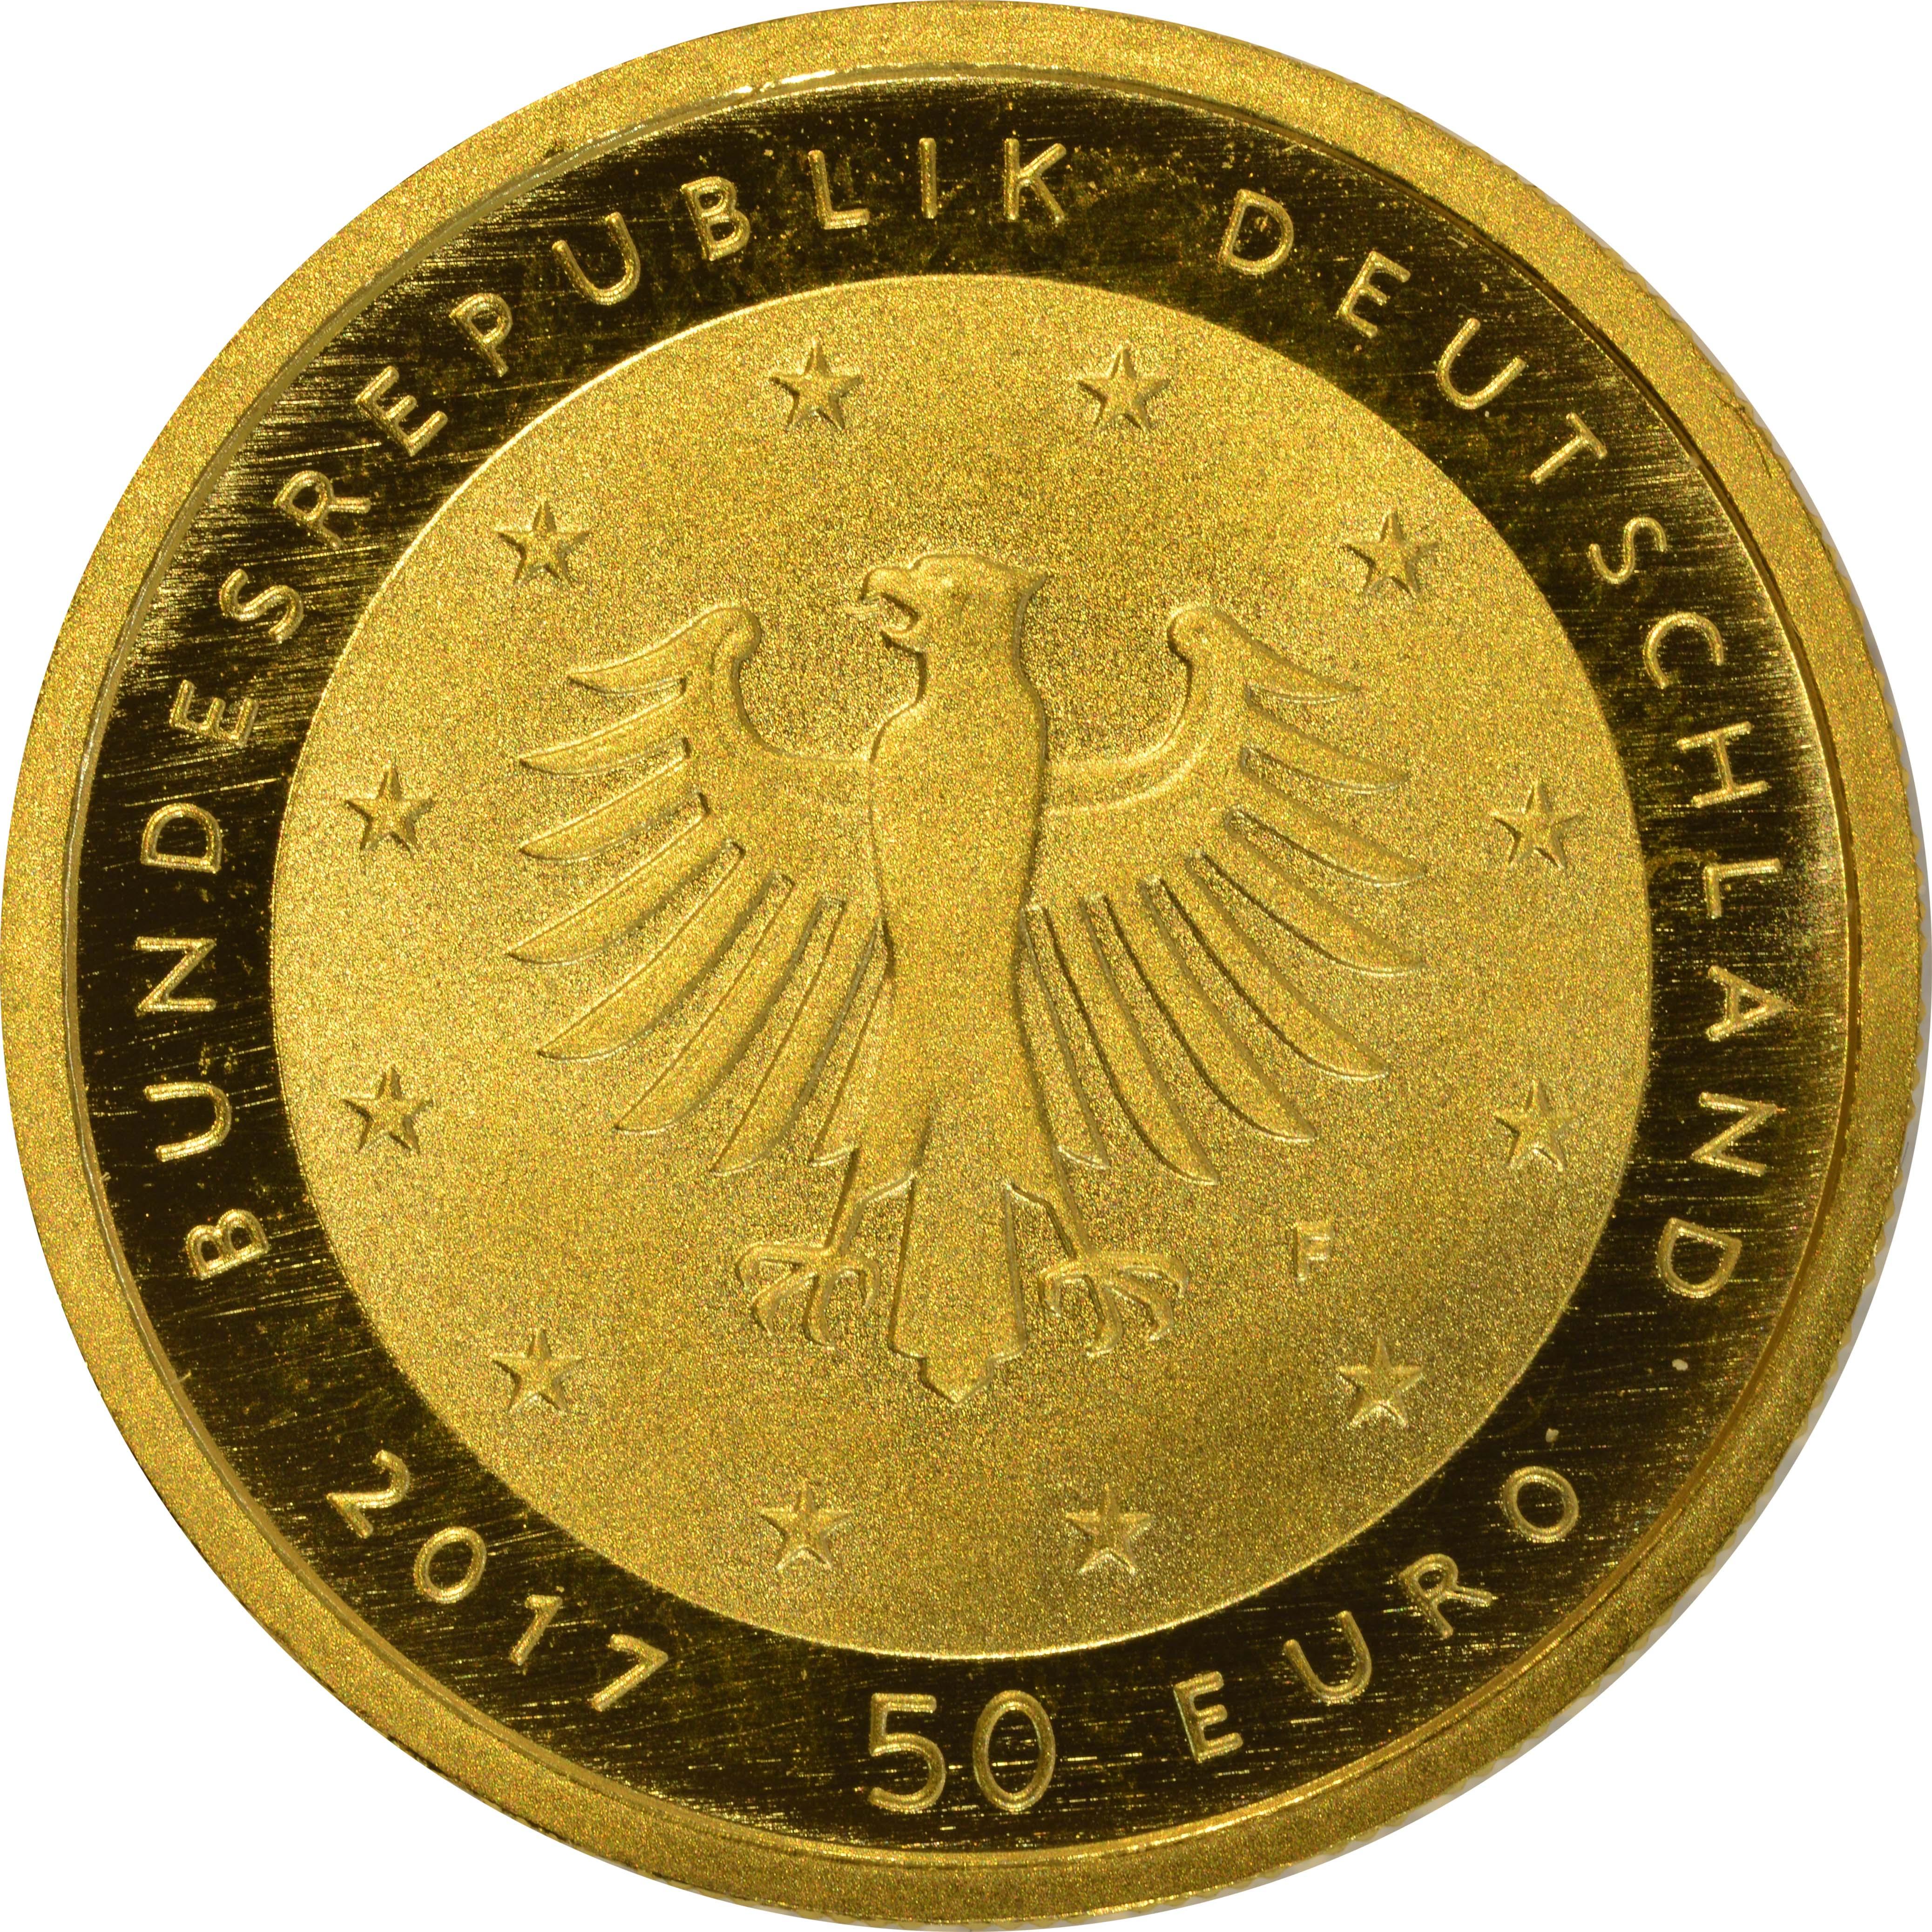 50 Euro Lutherrose 2017 Neue Deutsche Goldmünze Münzenhandlung